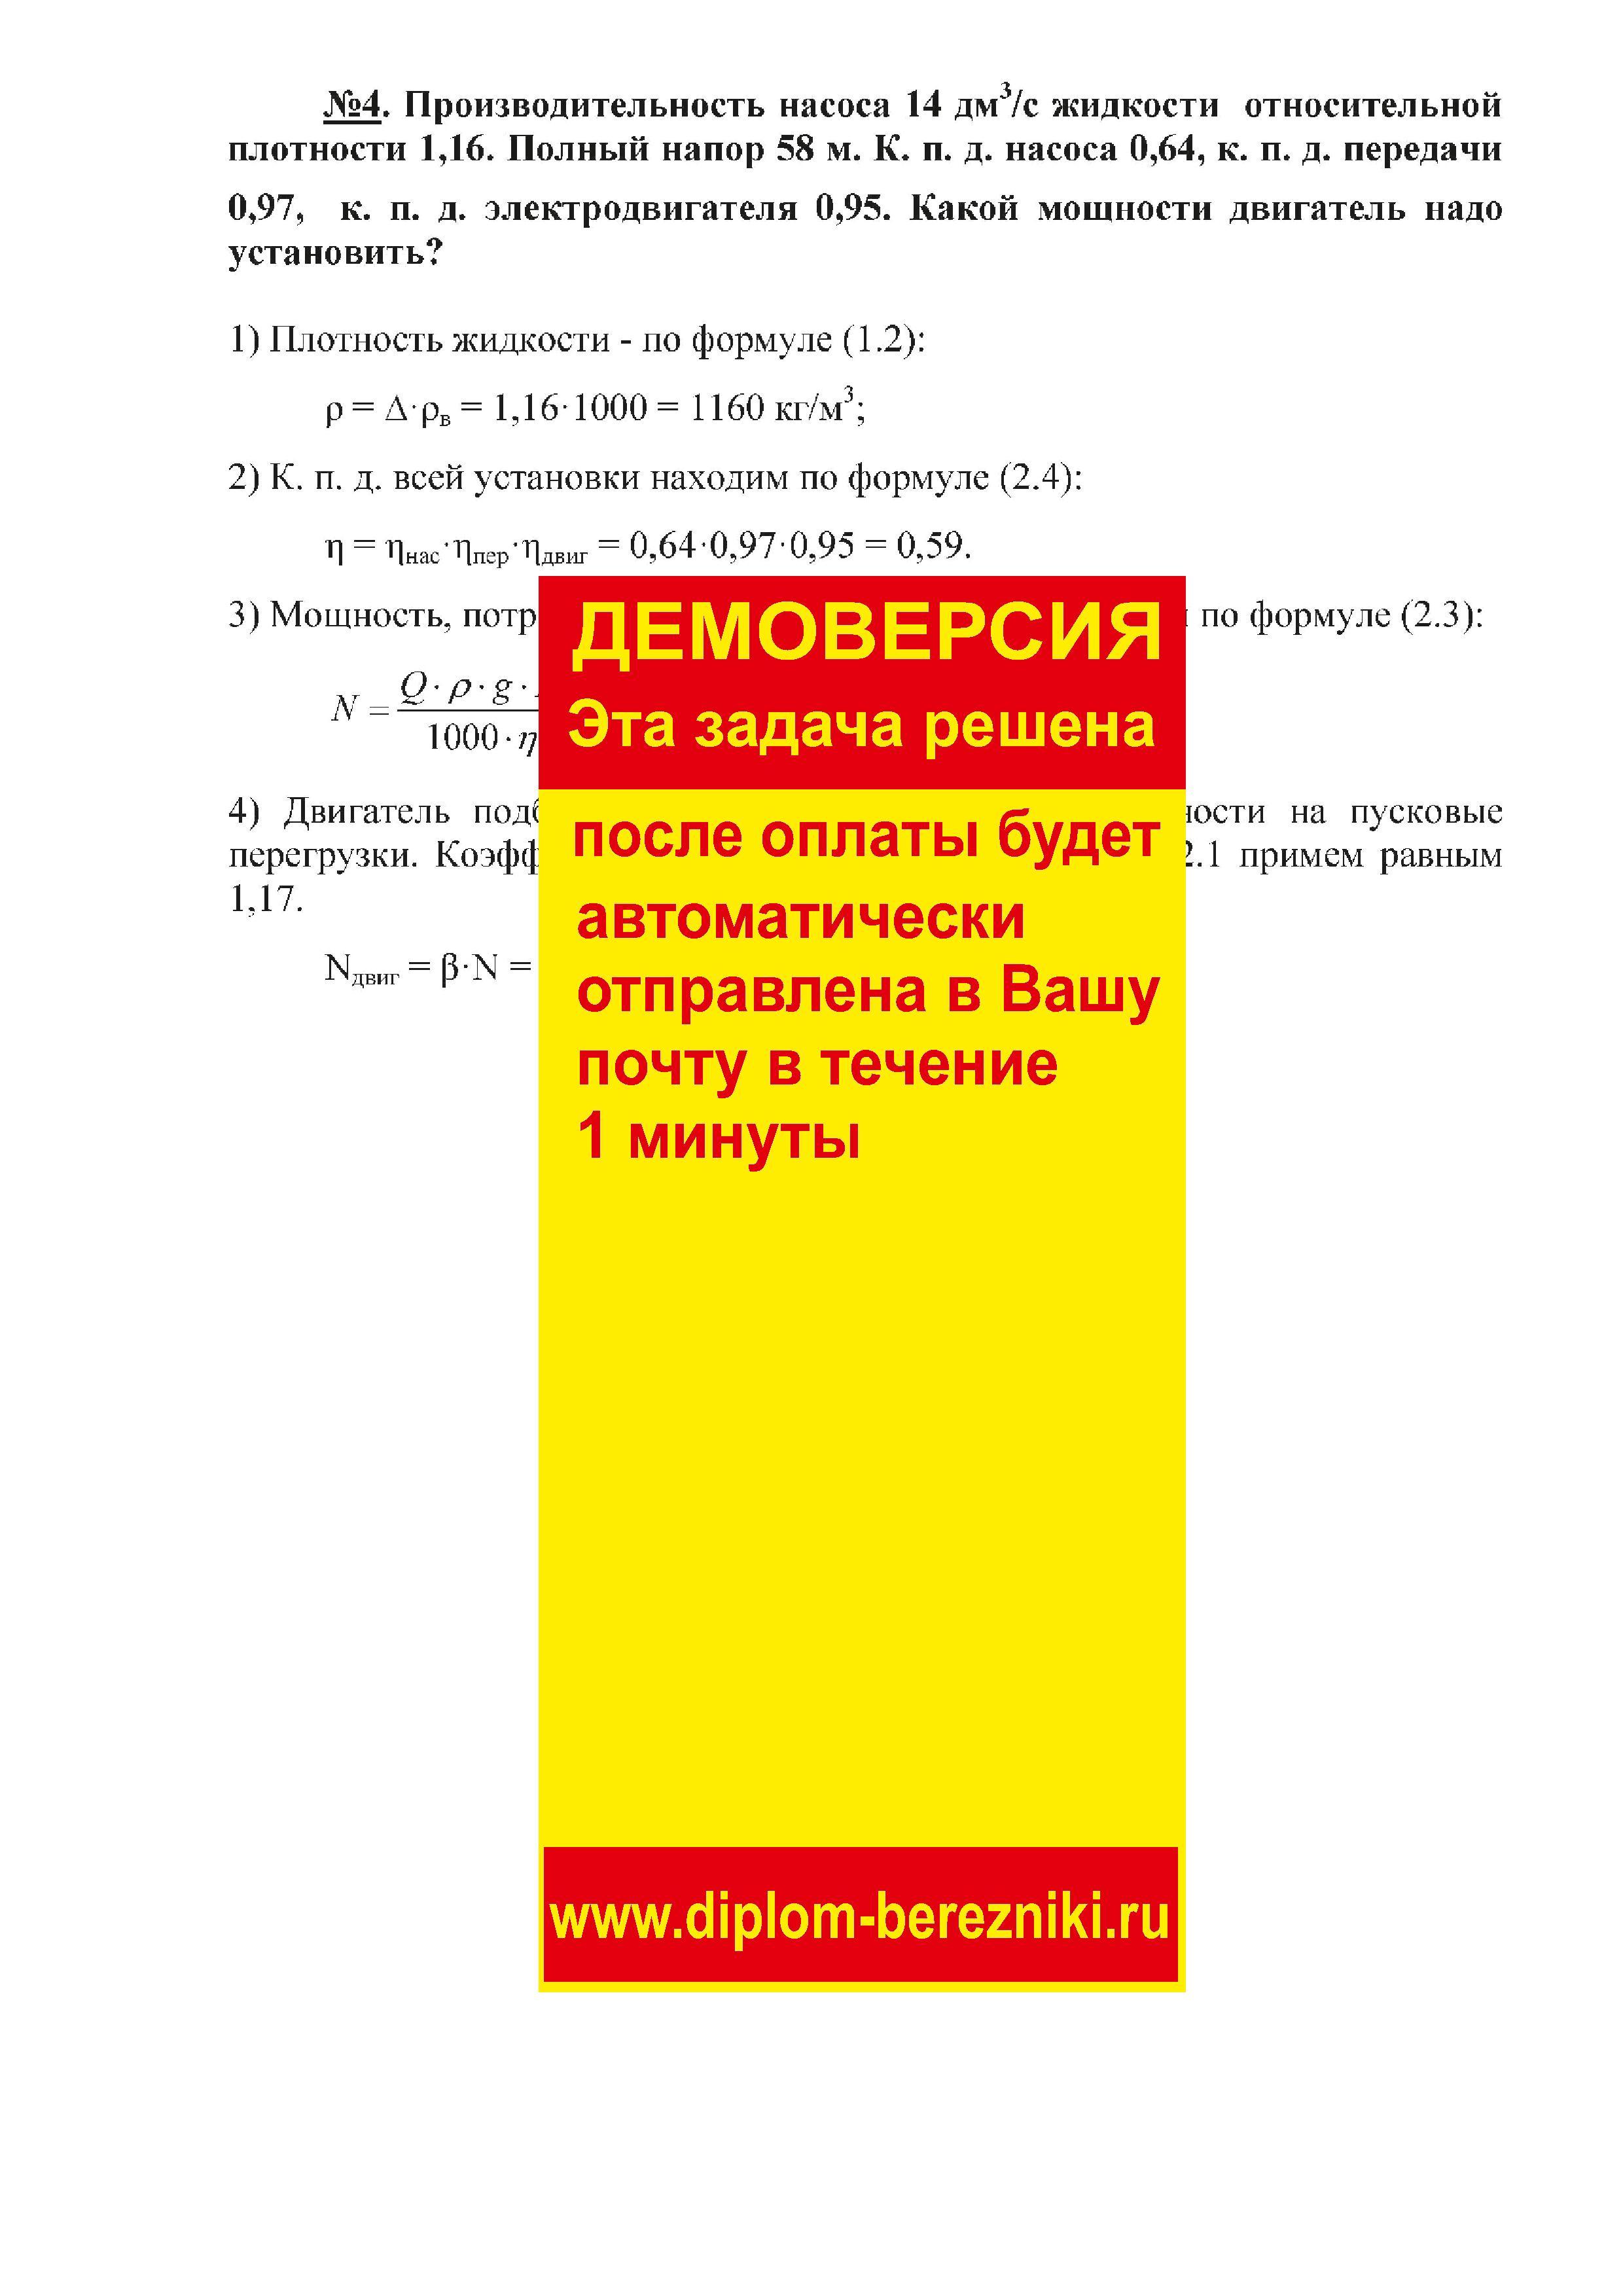 Решение задачи 2.4 по ПАХТ из задачника Павлова Романкова Носкова